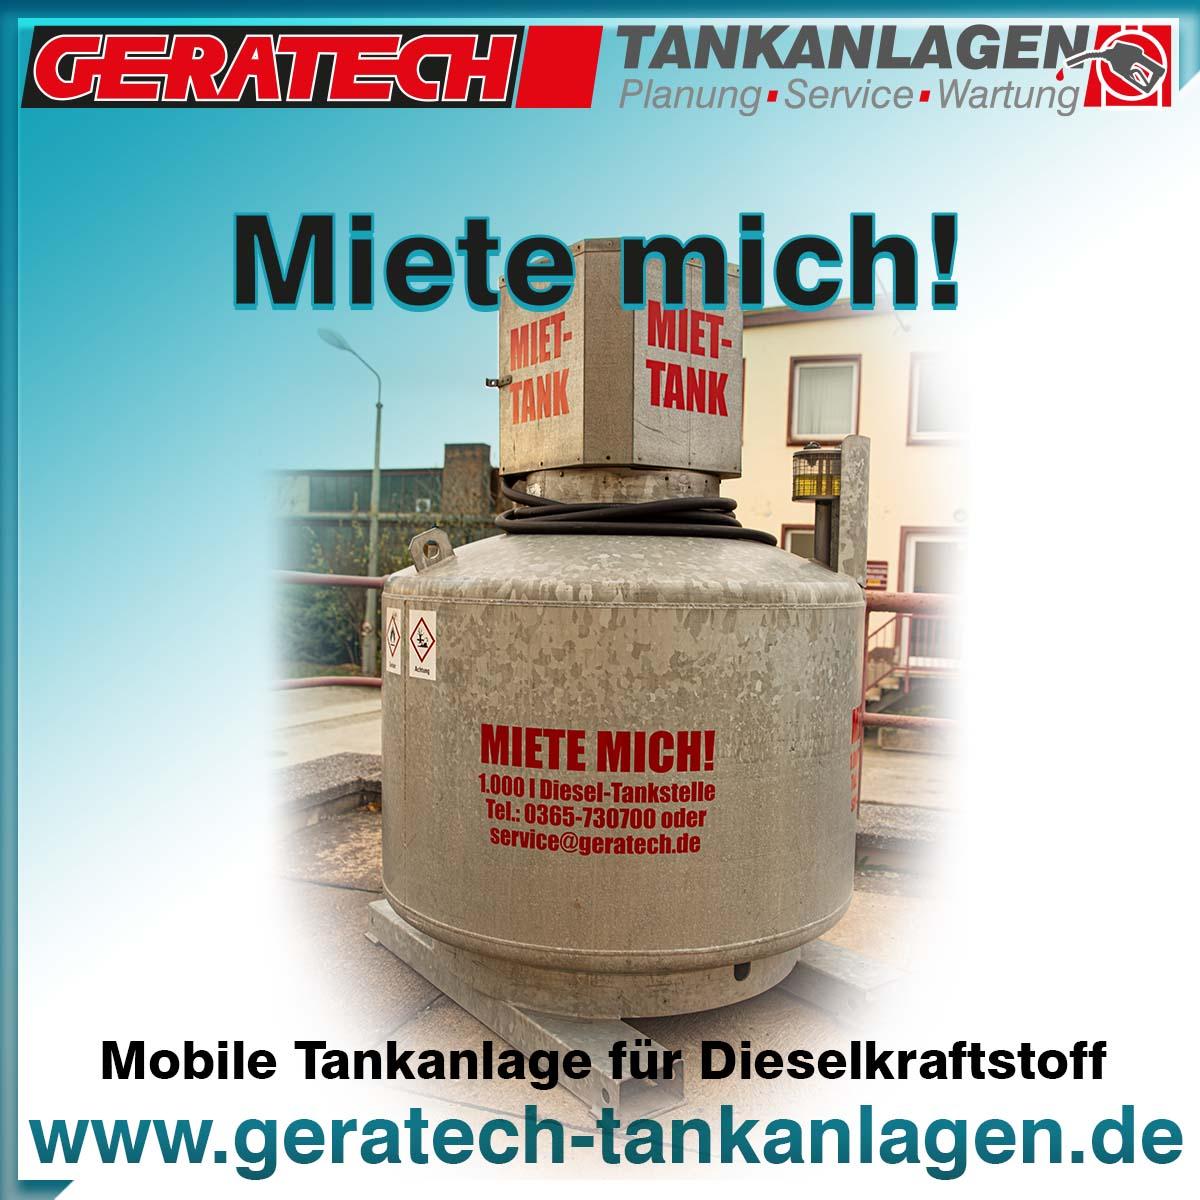 Mobile Tankanlage - Baustellentankstelle von Geratech Landmaschinen